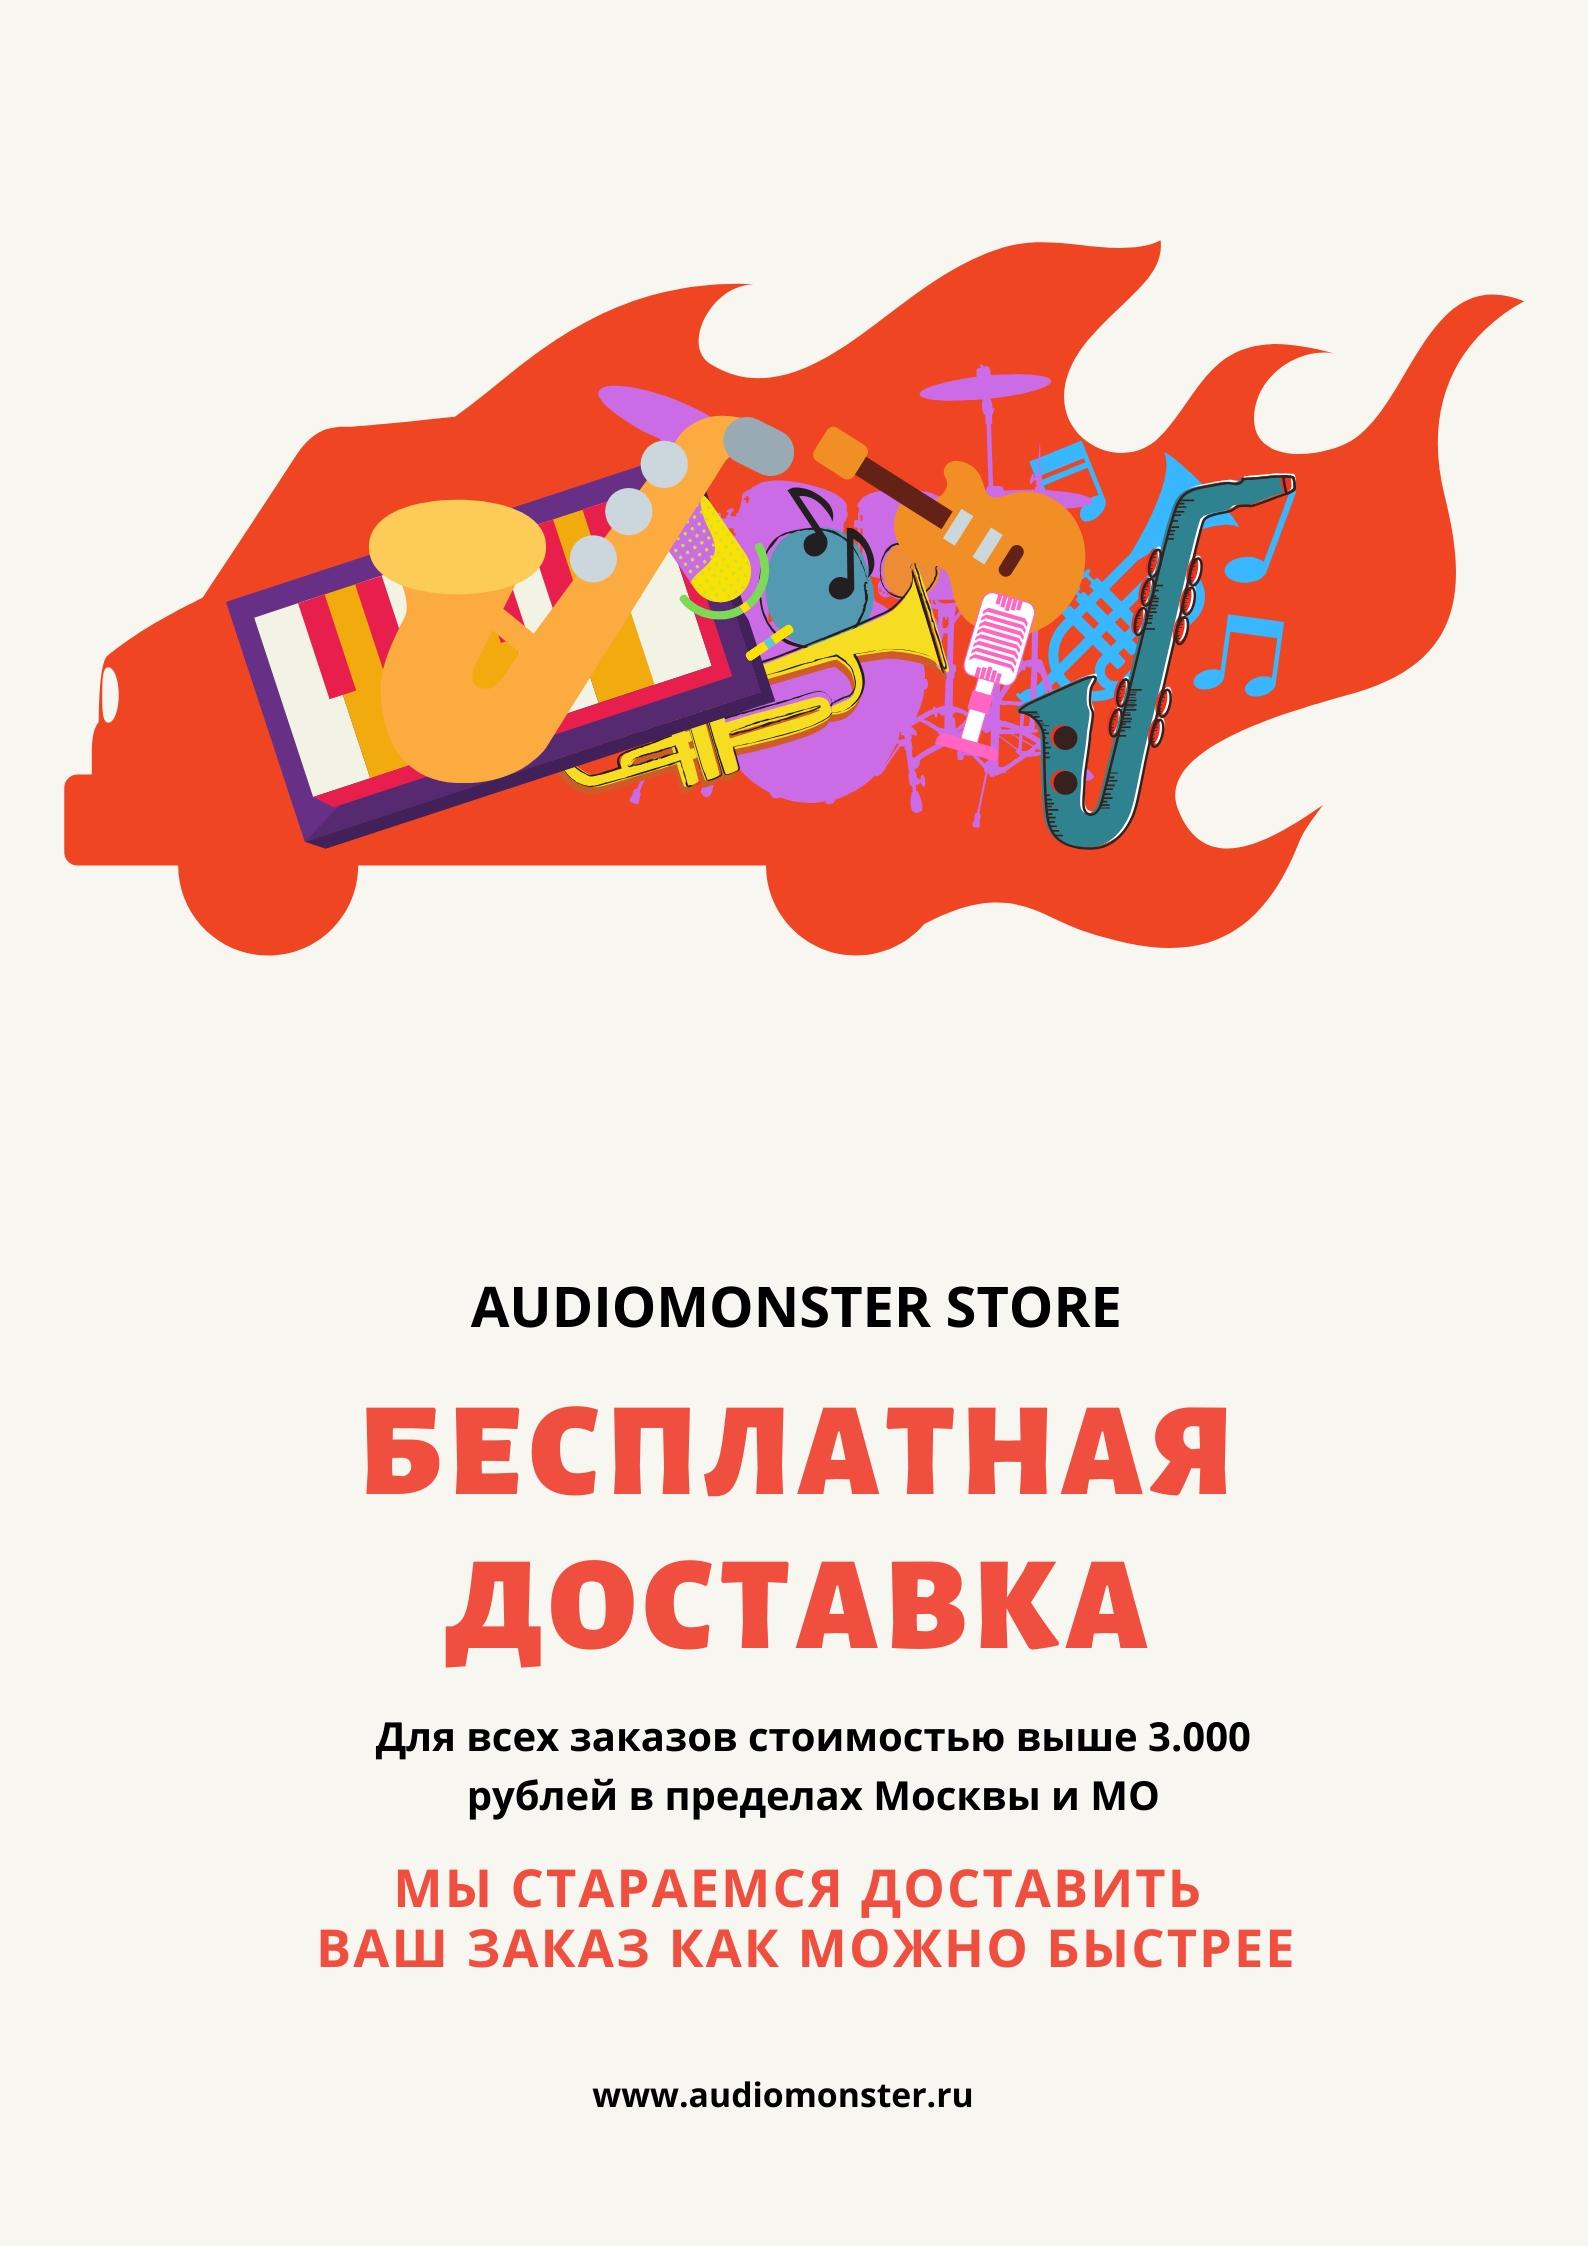 Audiomonster Store предлагает бесплатную доставку для всех заказов стоимостью выше 3 000 рублей, как можно быстрее.